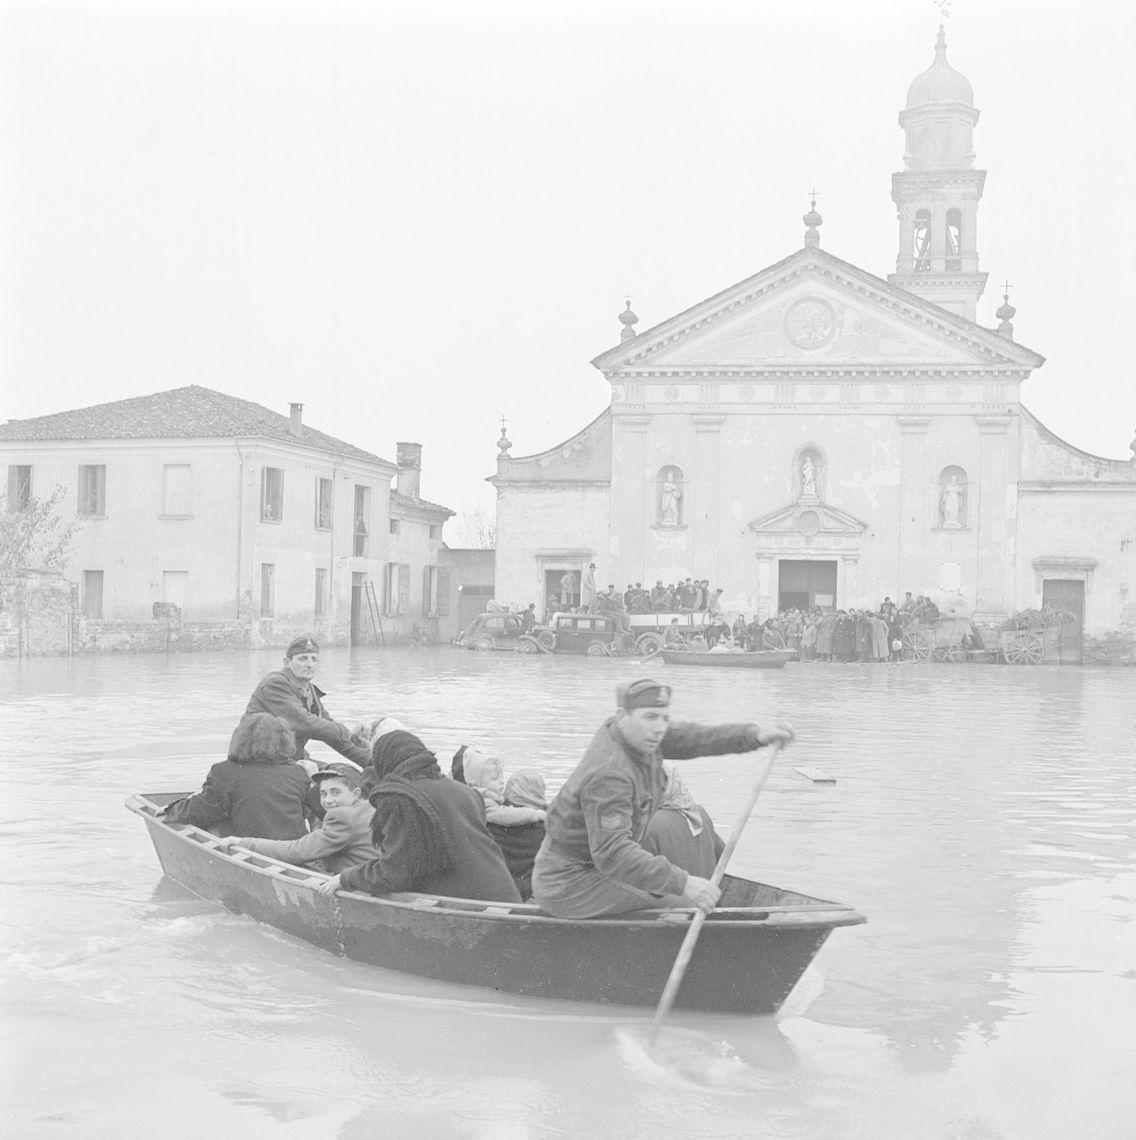 70 anni dopo La Grande Alluvione.  Rovigo, Palazzo Roncale fino al 30 gennaio 2022